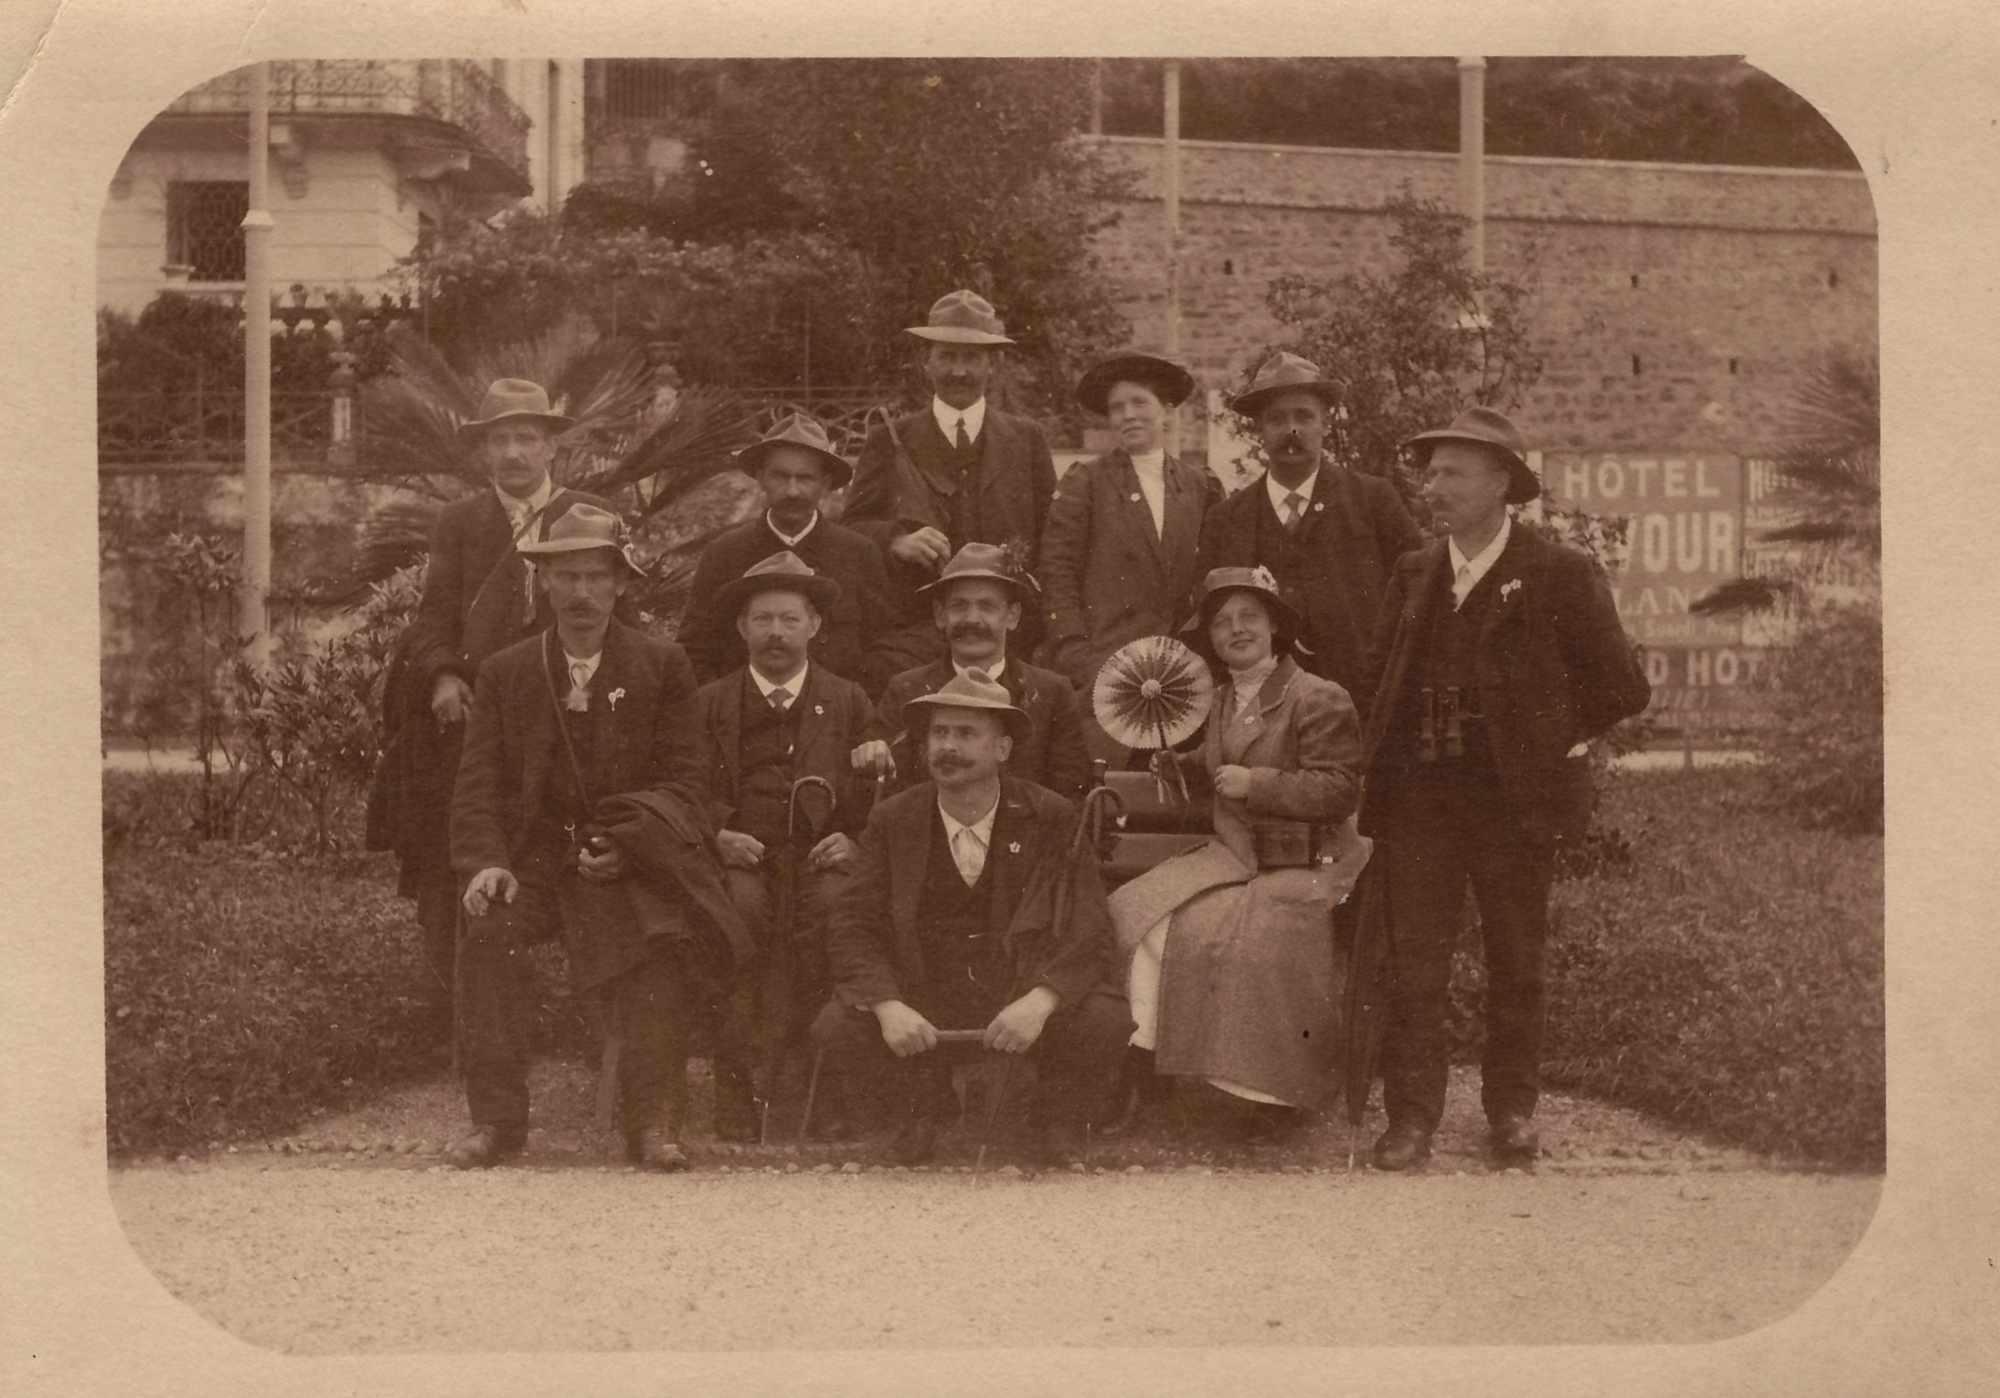 Bild: Gruppenfoto, Maria Gürtler (re unten) mit unbekannten Personen